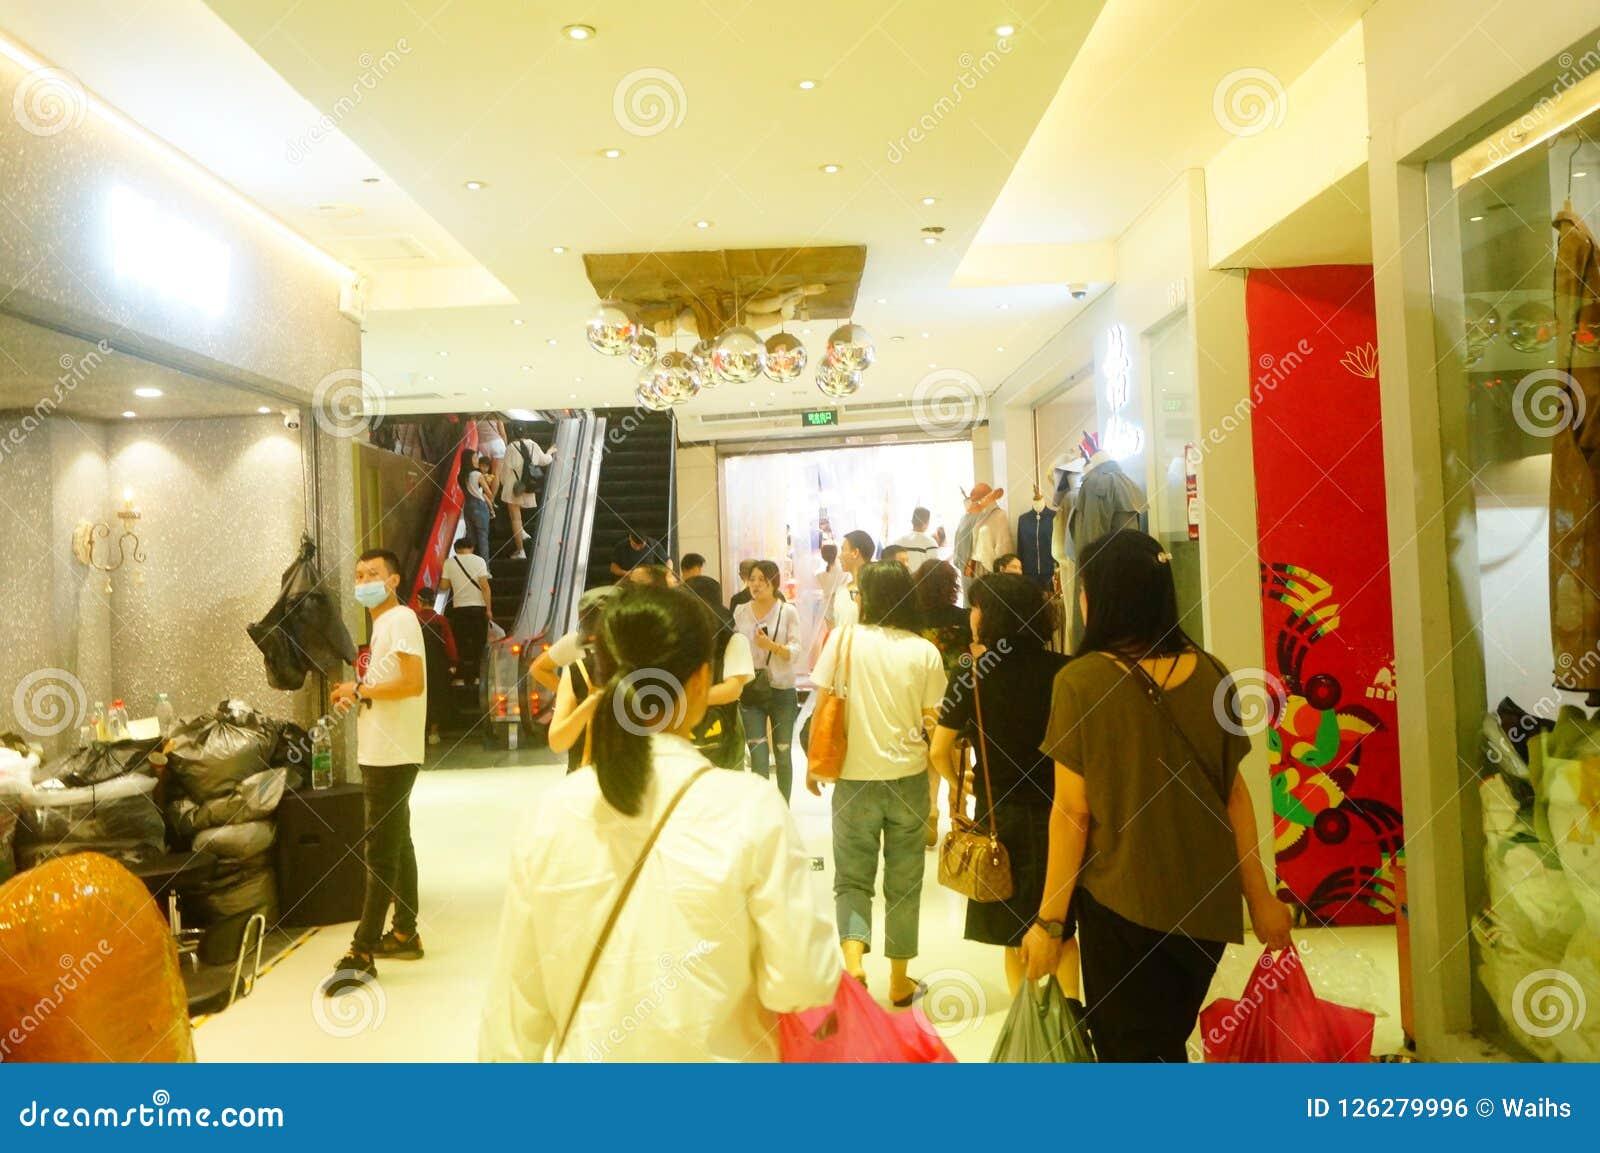 Guangzhou, China: Hongmian International Fashion Market